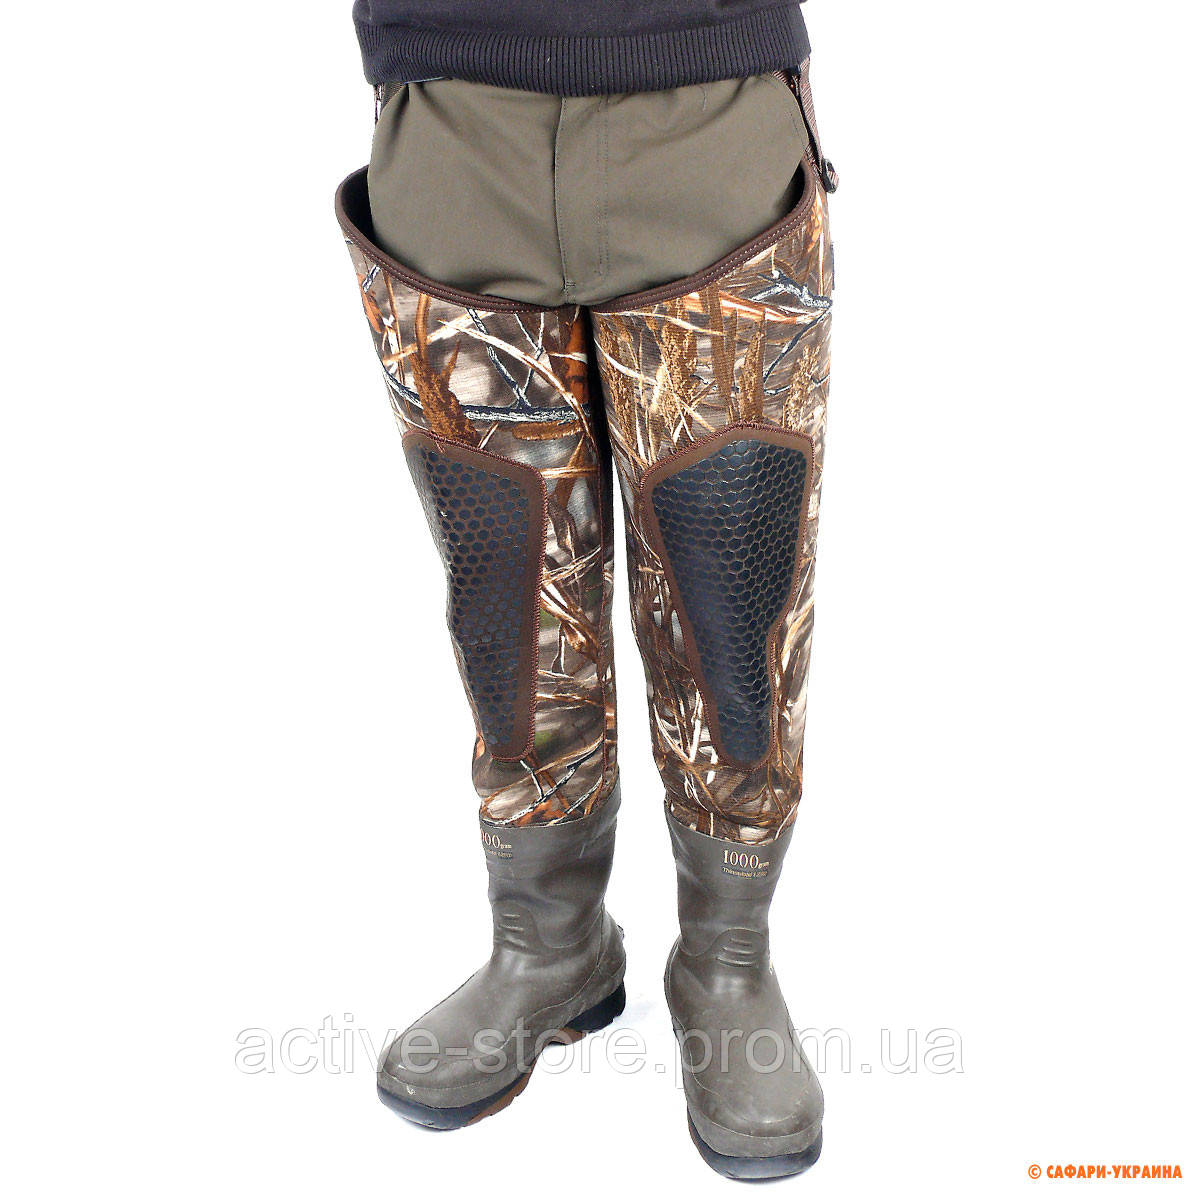 Заброды для охоты и рыбалки зимние Rocky Hip Boot, камуфлированные, высота  81 см - 35cb0694921